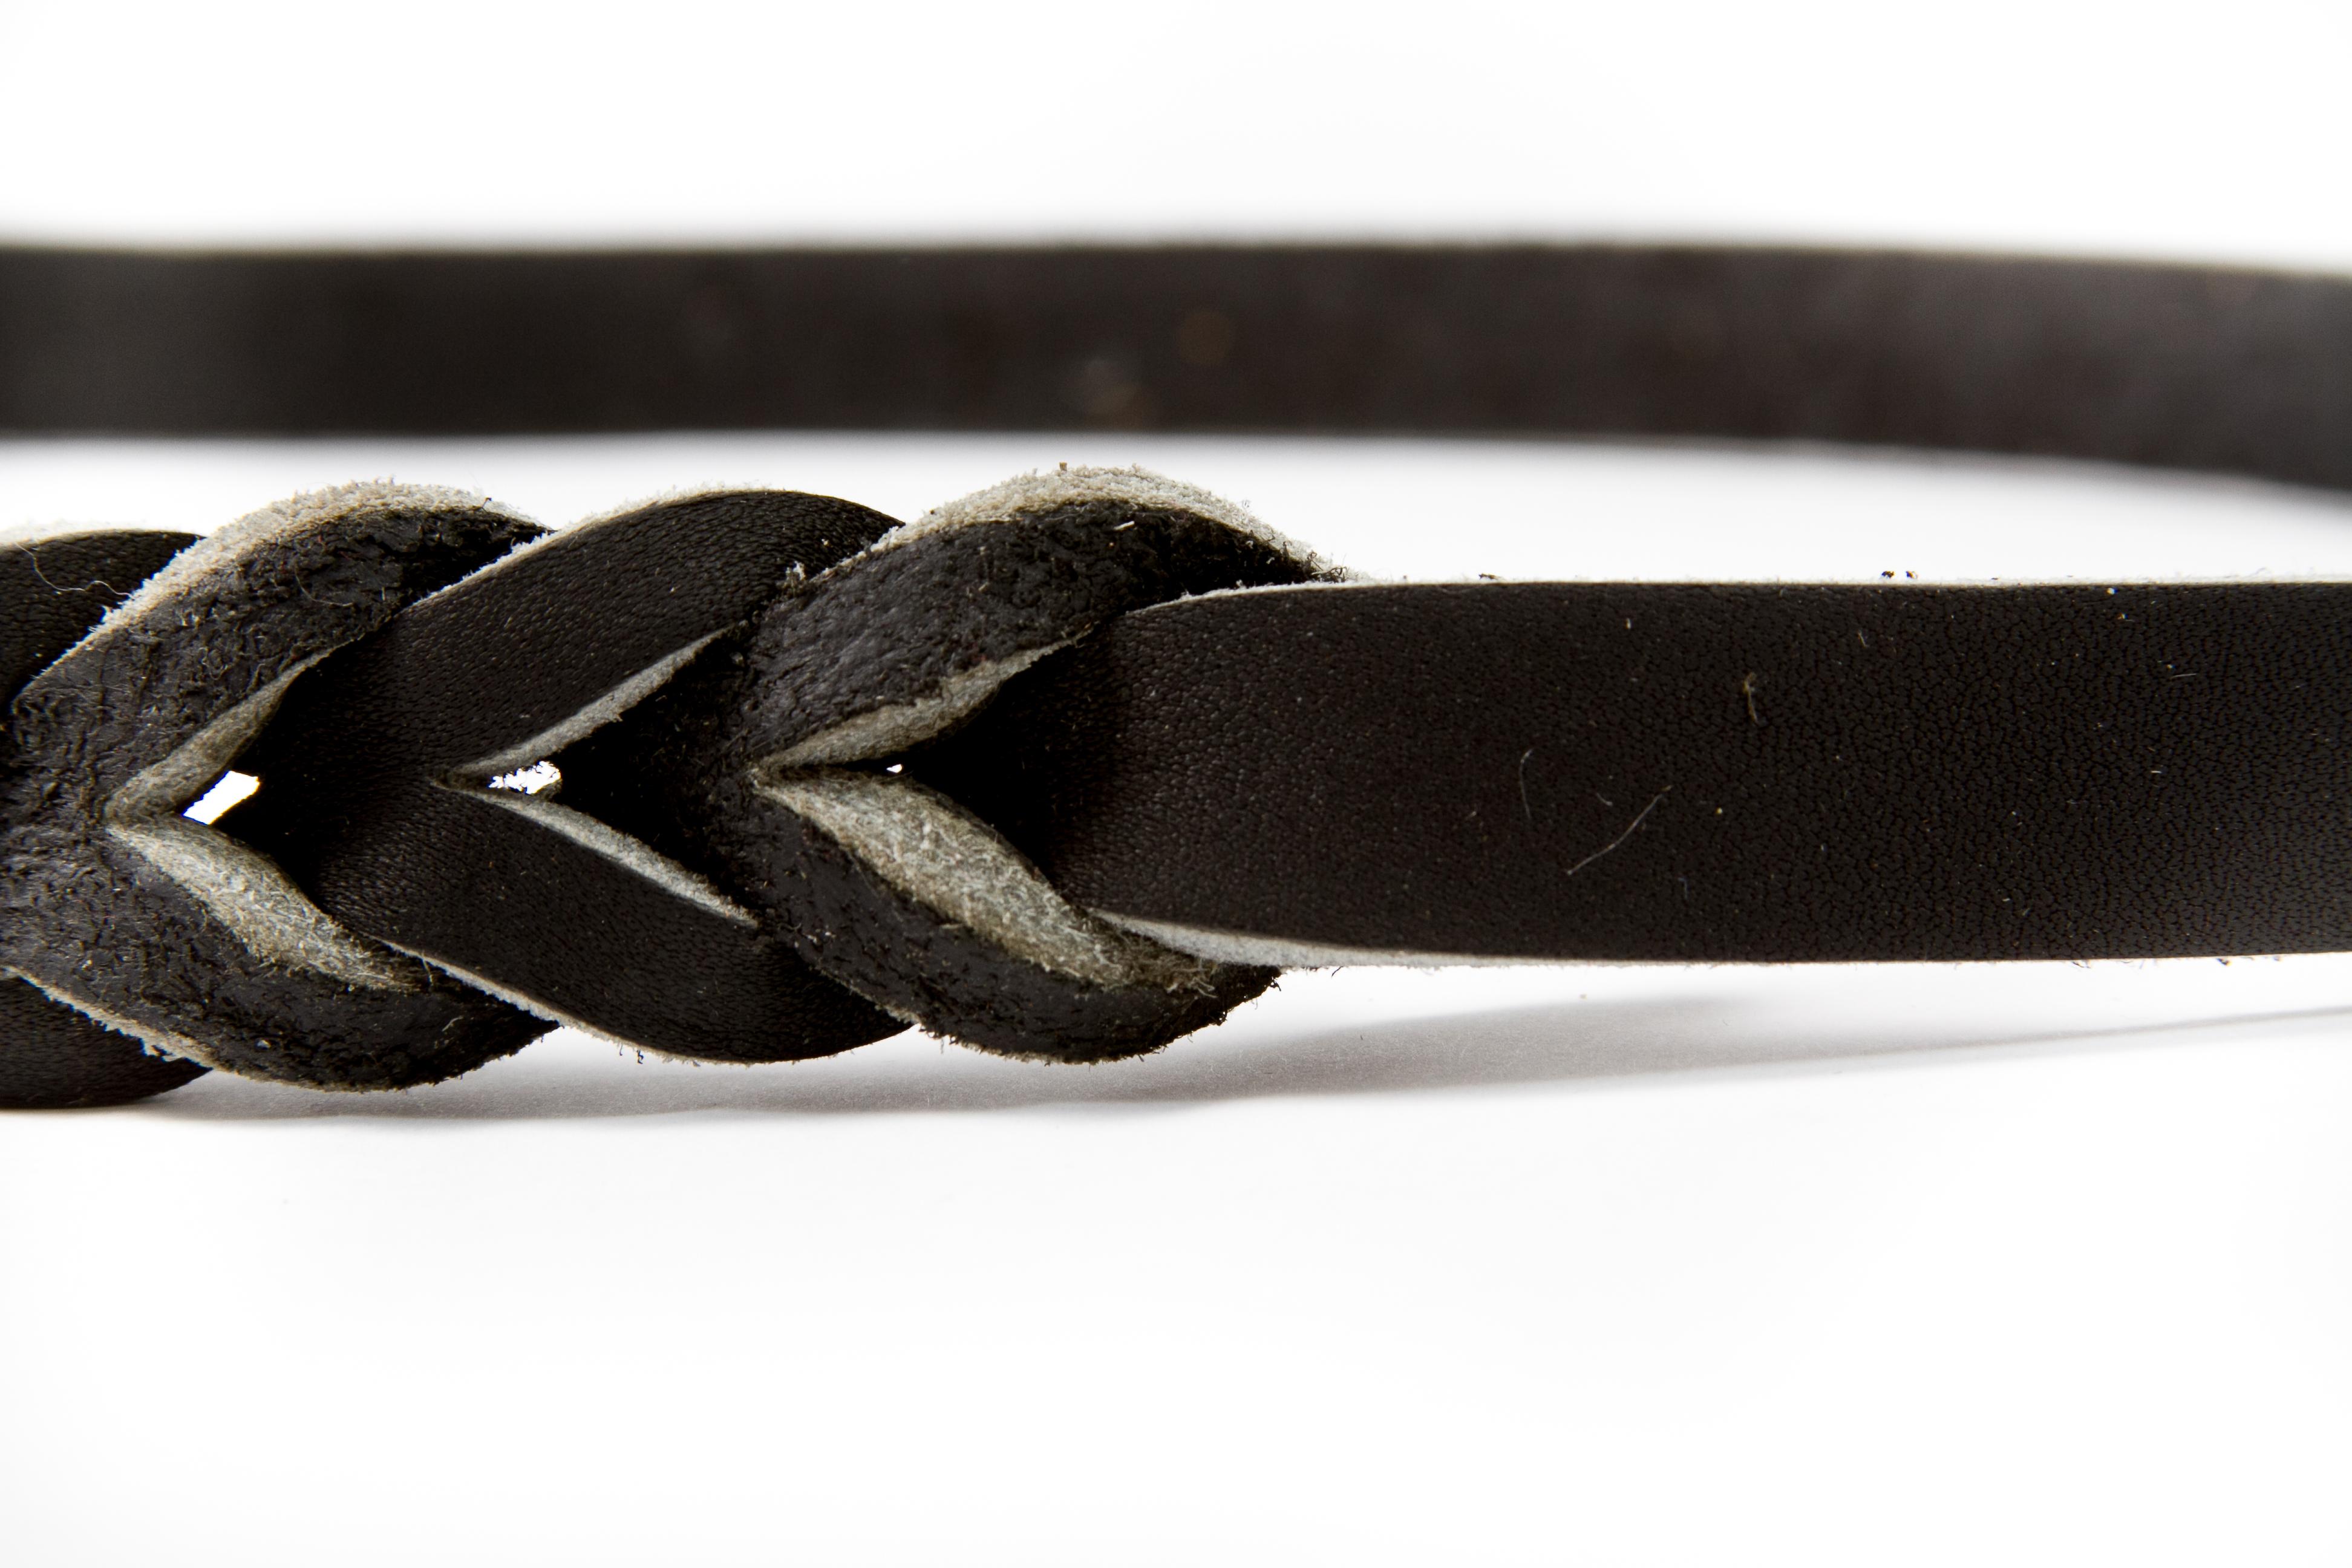 Lesa din piele cu dimensiunile de 12 X 1200 mm , cu carabina din alama , culoare neagra sau maro, XA121212